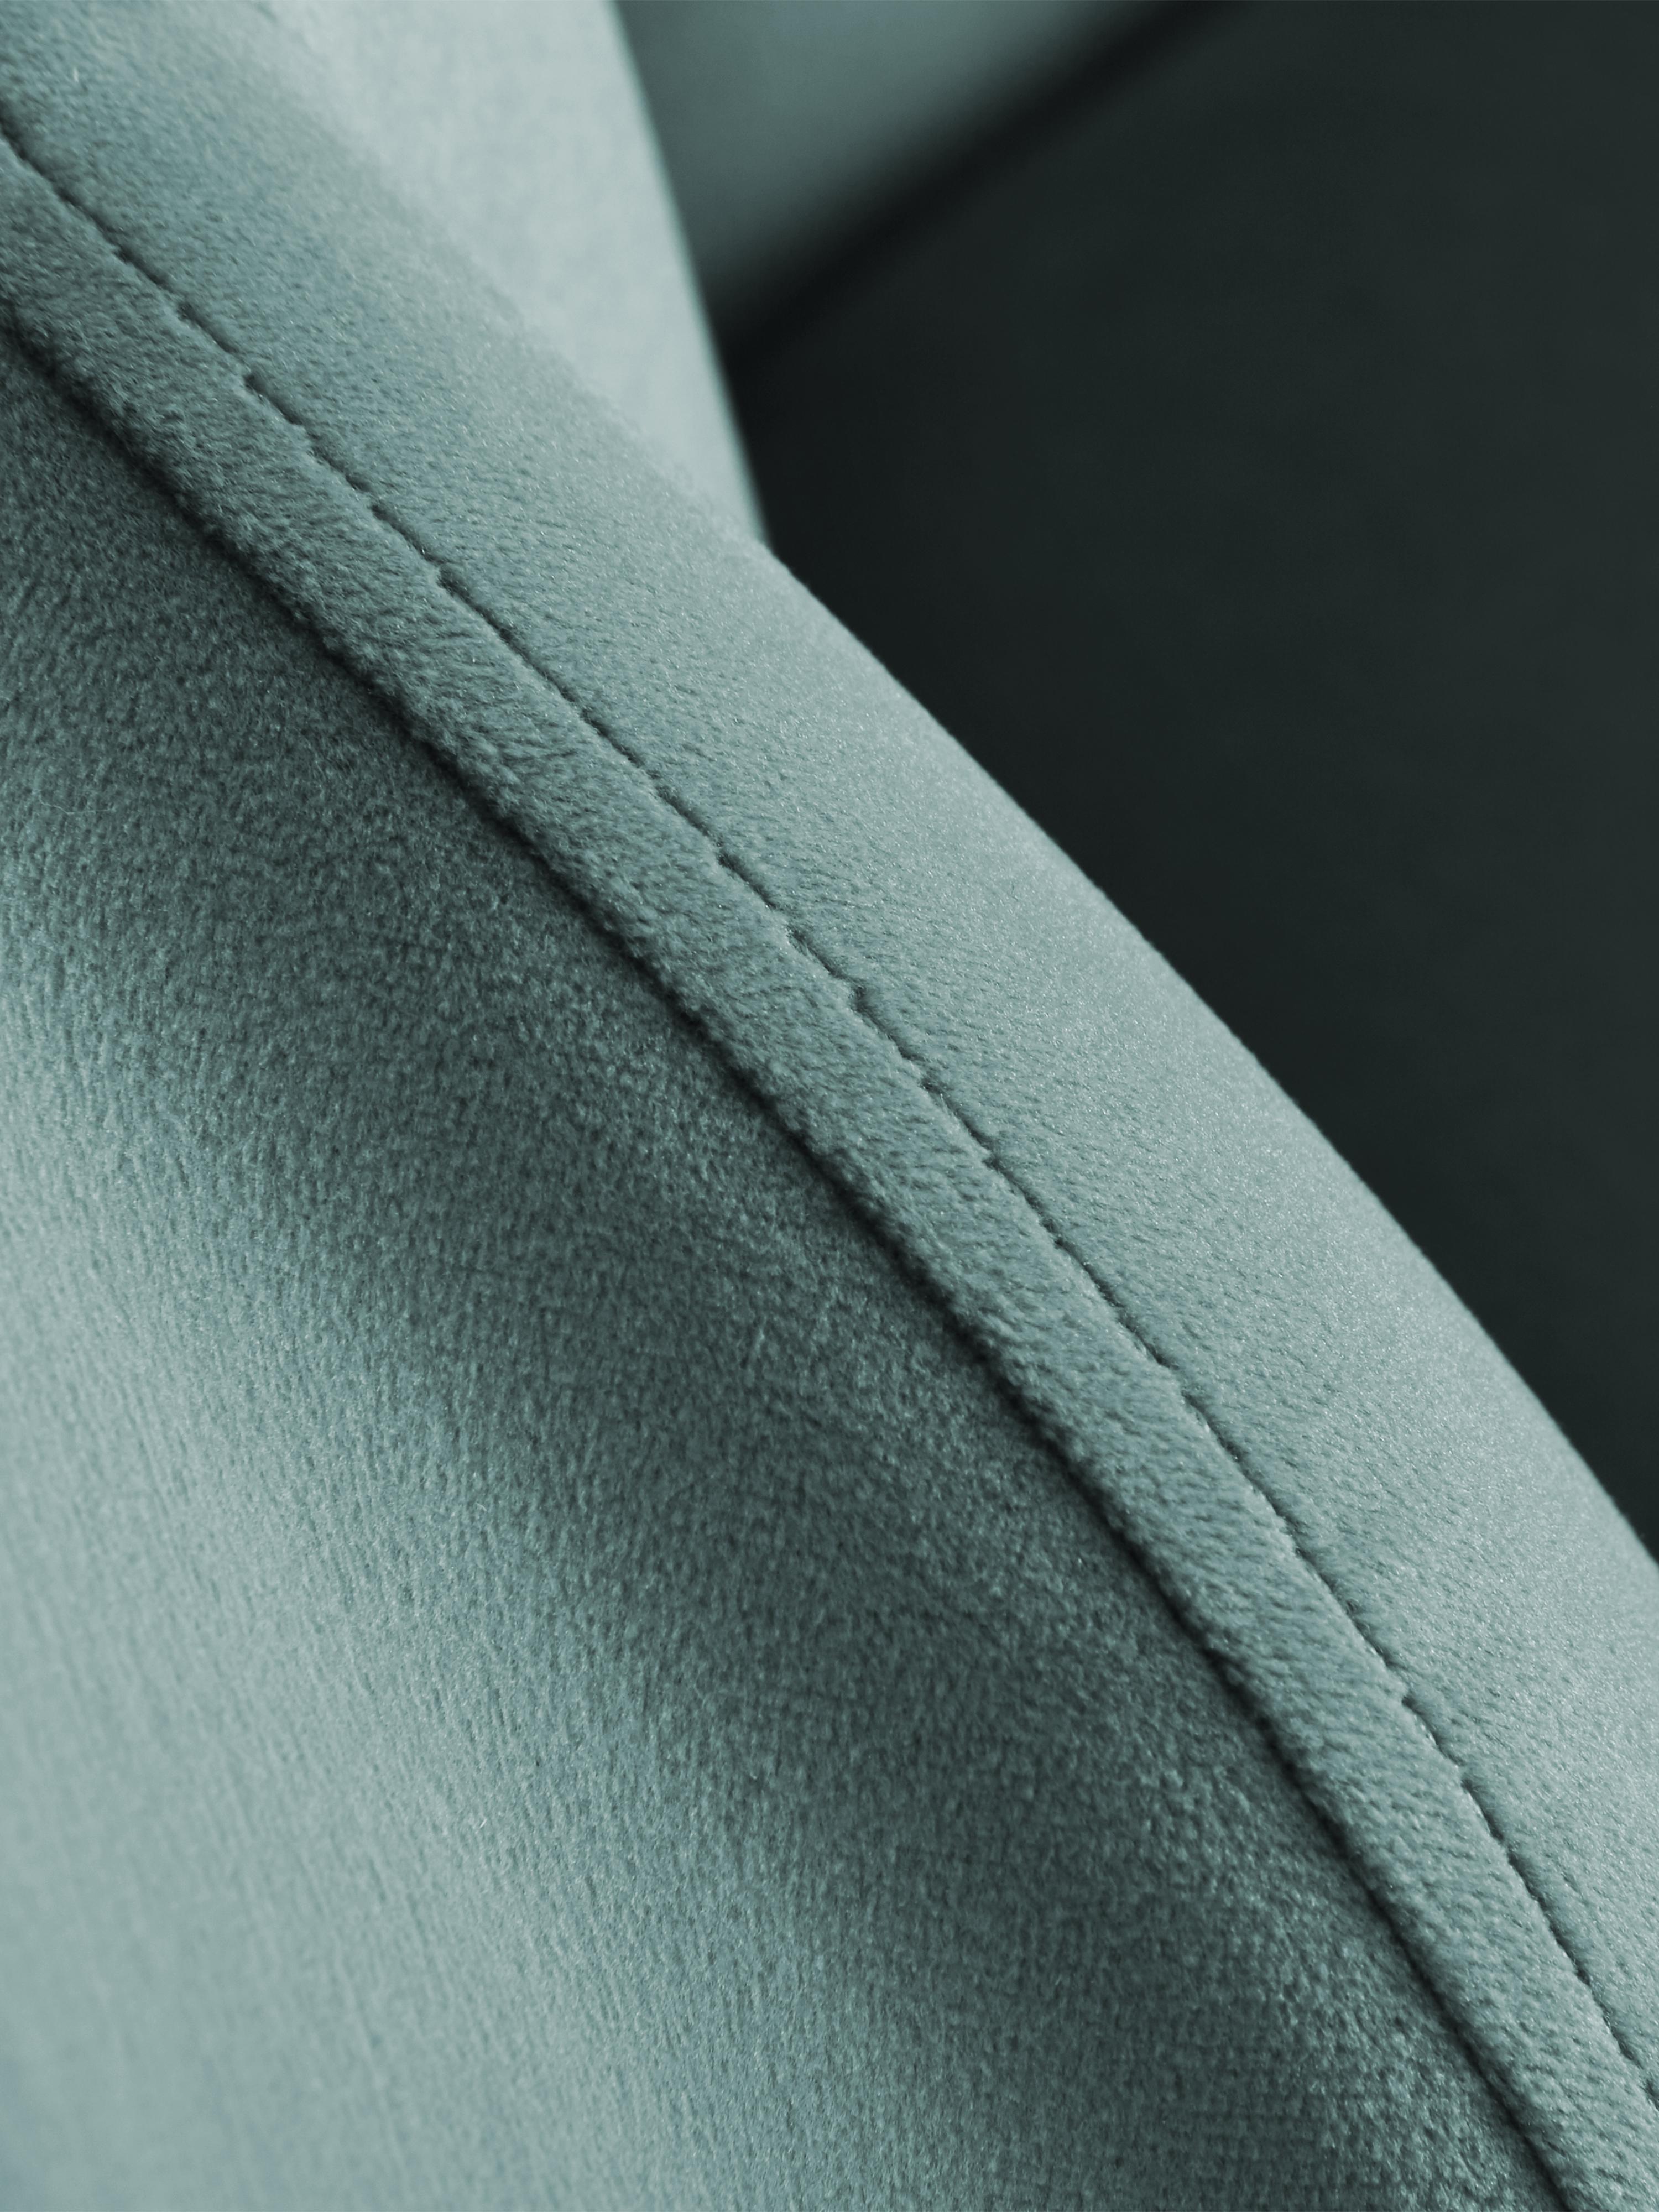 Poltrona in velluto Helle, Rivestimento: velluto (poliestere) 30.0, Piedini: metallo, verniciato a pol, Rivestimento: turchese Piedini: dorato lucido, Larg. 65 x Prof. 65 cm